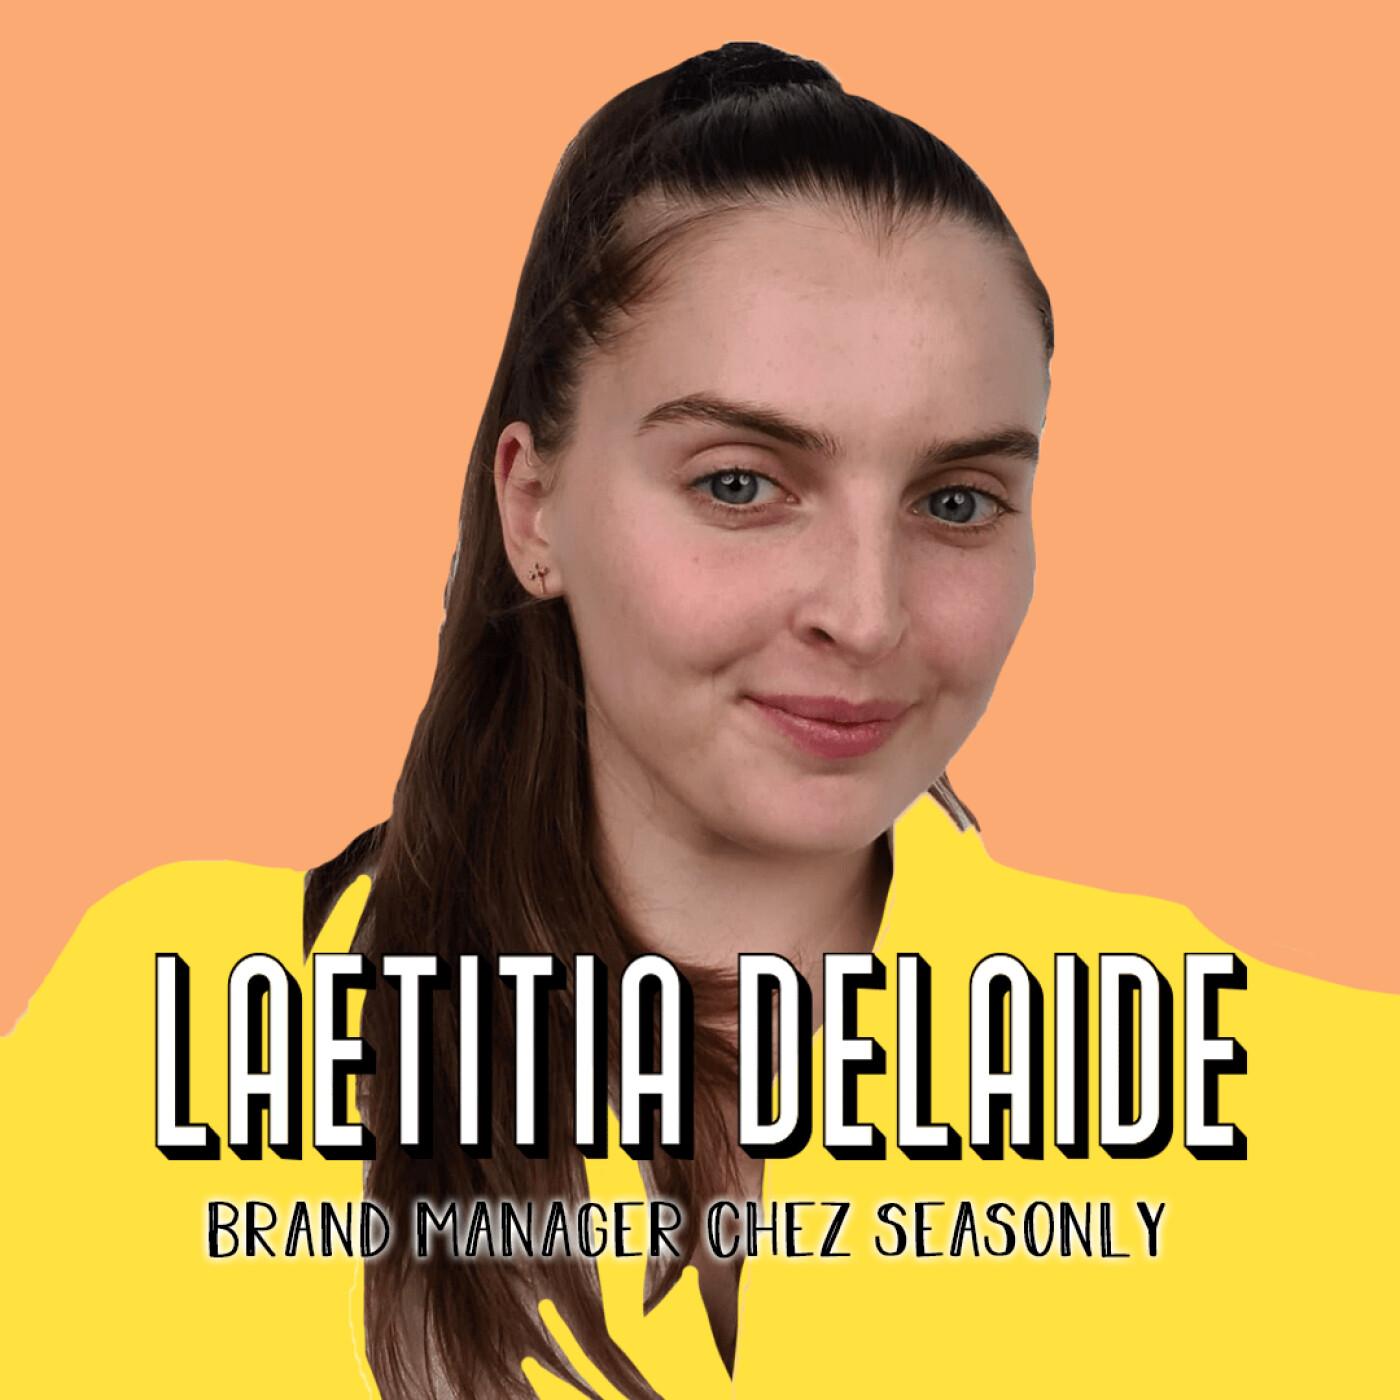 Laetitia Delaide, Brand Manager de Seasonly - Quand une porte se ferme, c'est qu'il y en a une autre à ouvrir